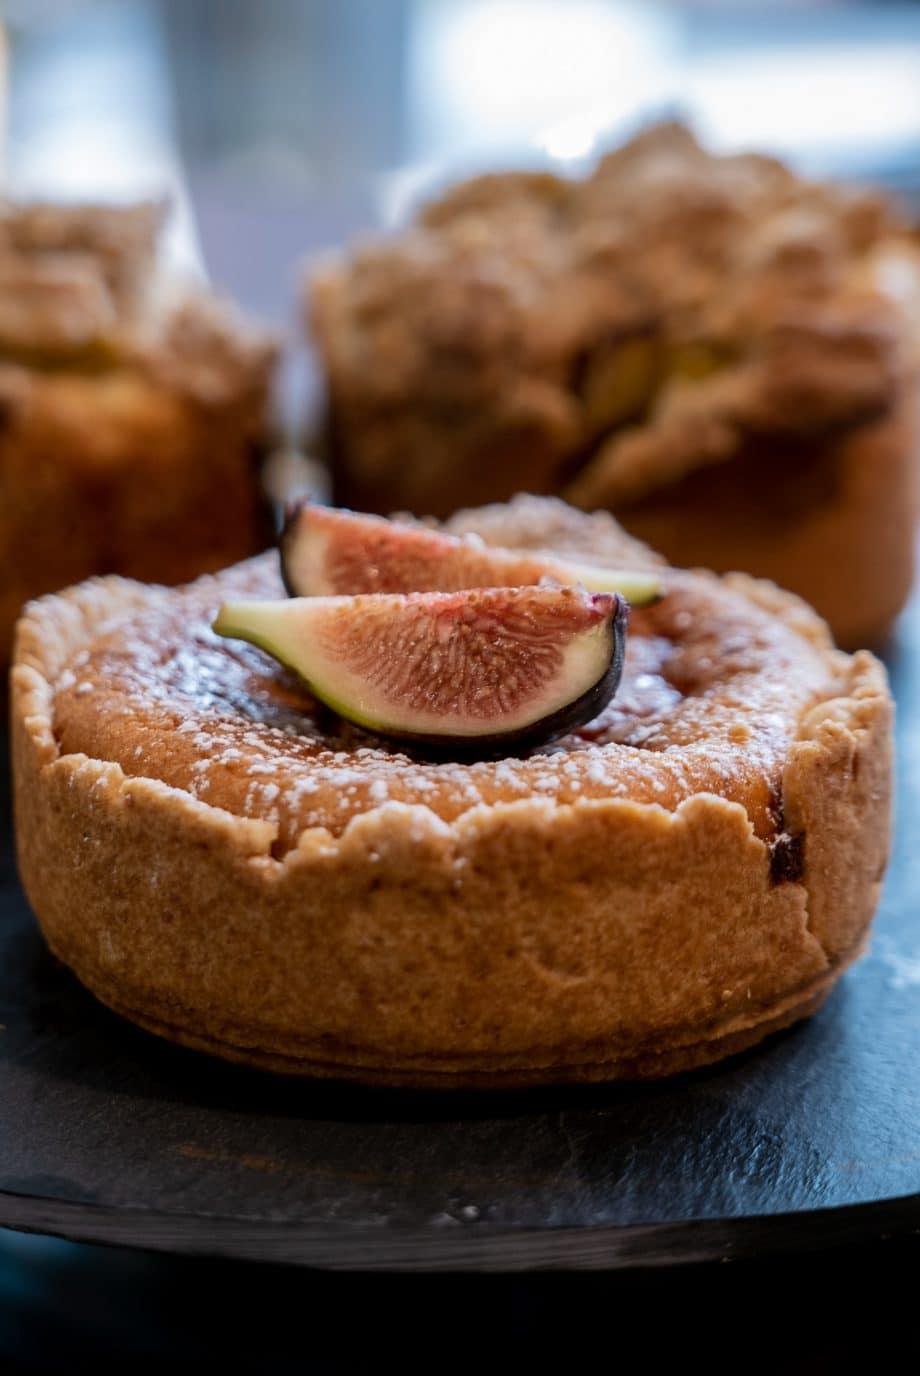 cheesecake-elote-panitier-01